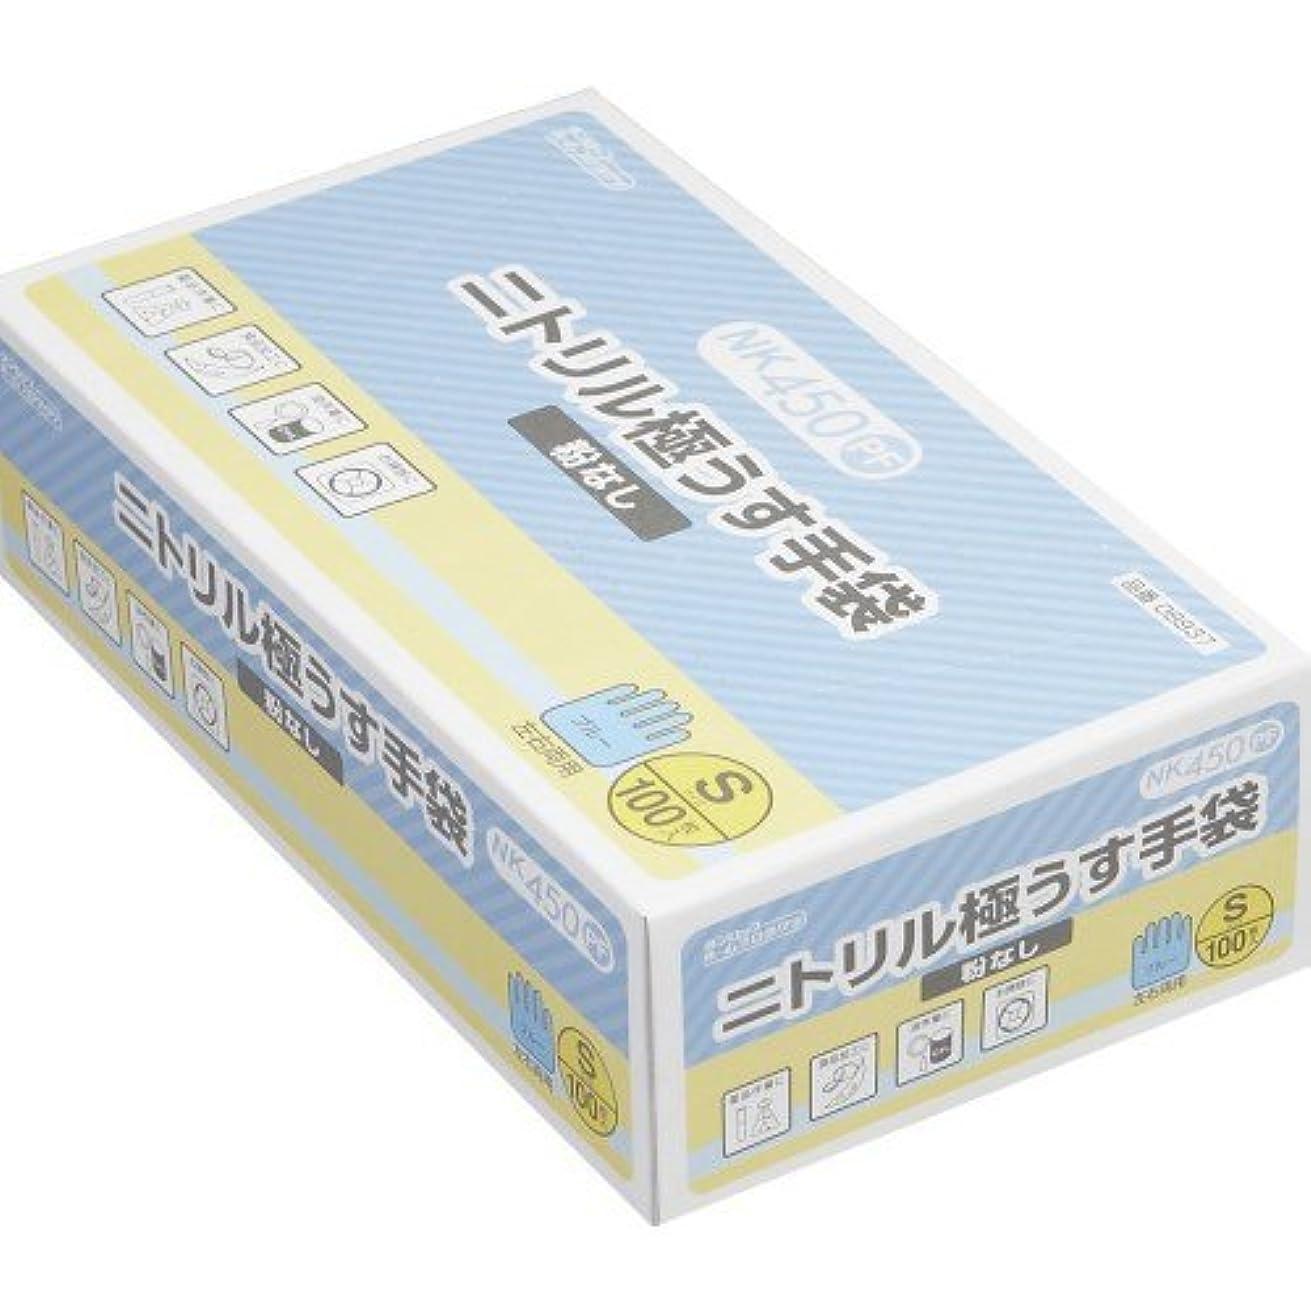 広告ランク保険粉なしニトリル極うす手袋 100枚入 Sサイズ NK-450